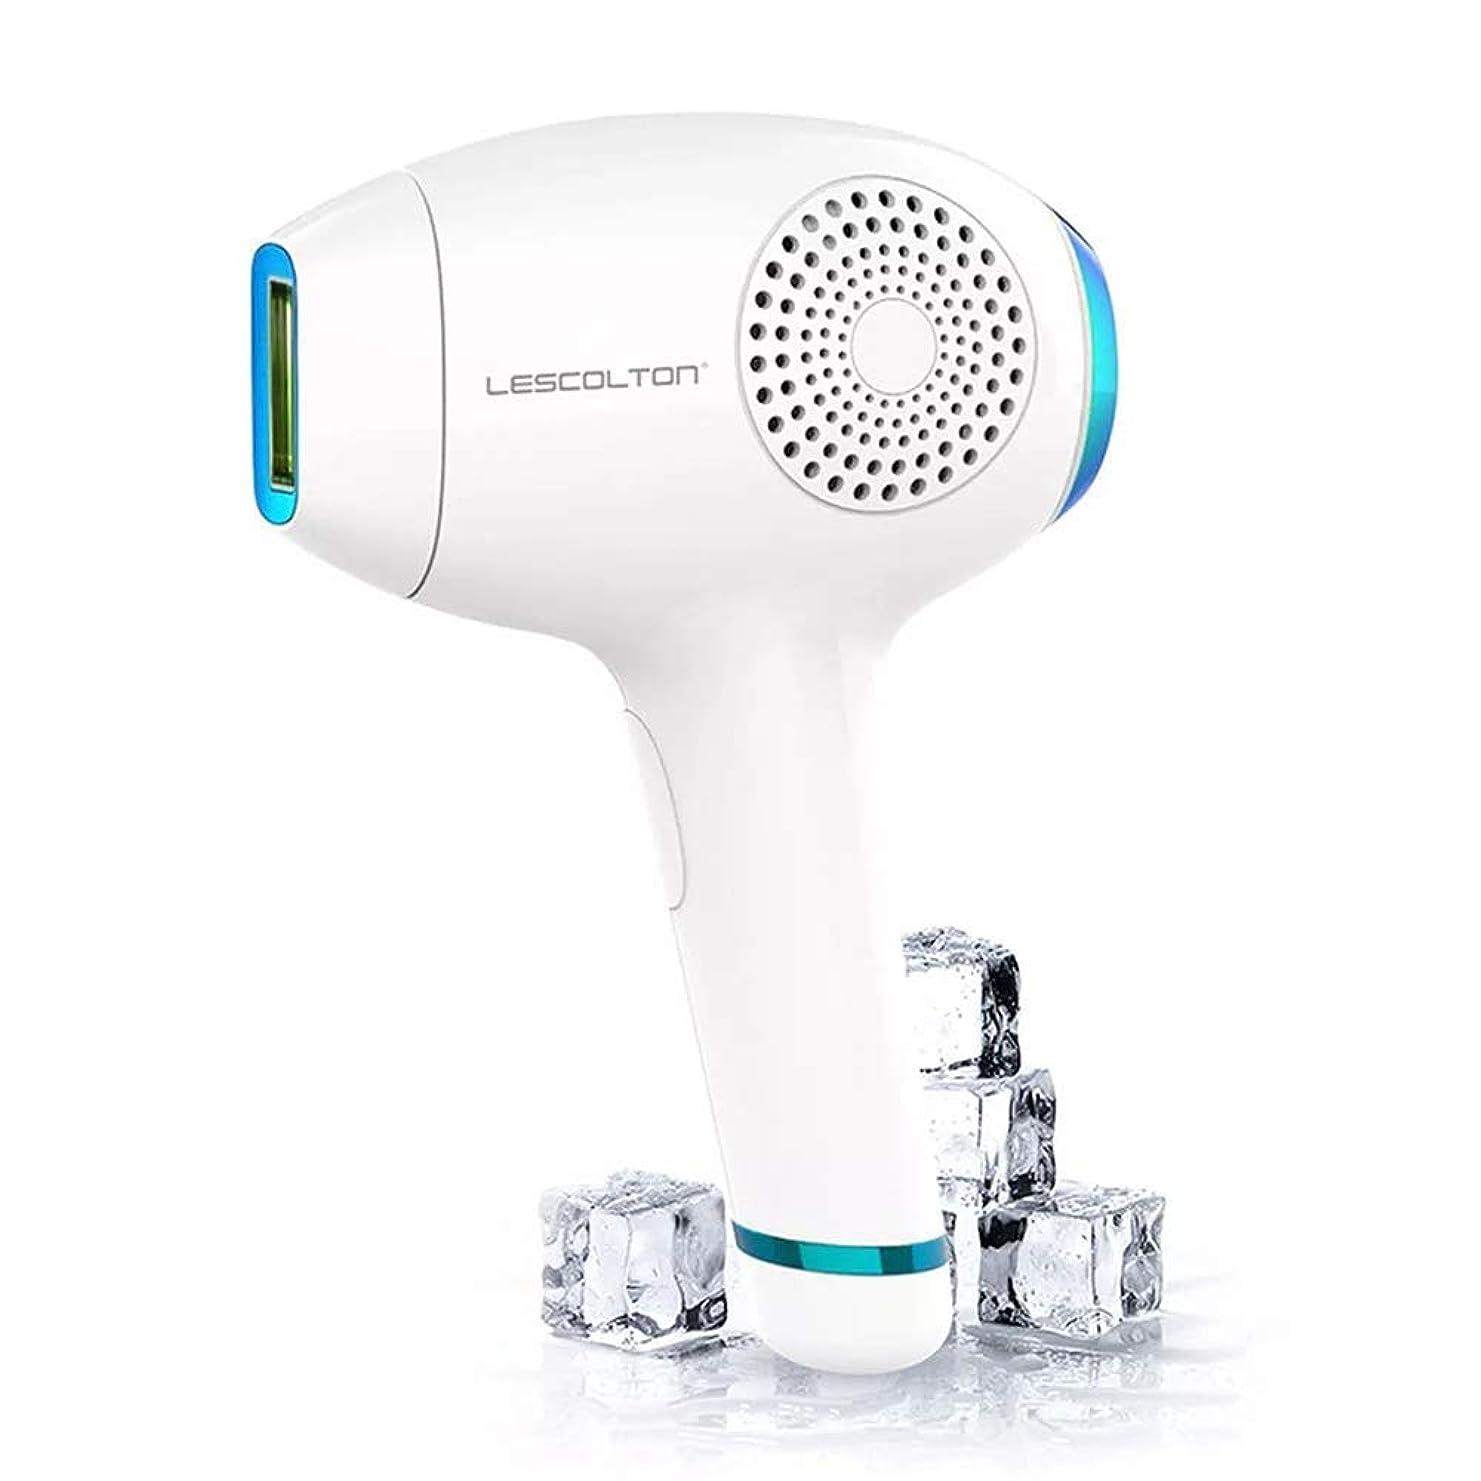 批判バンク何十人も体、顔、および精密な分野用のIPL脱毛装置(ビキニおよび未定義) - Ice Point Laser Epilator